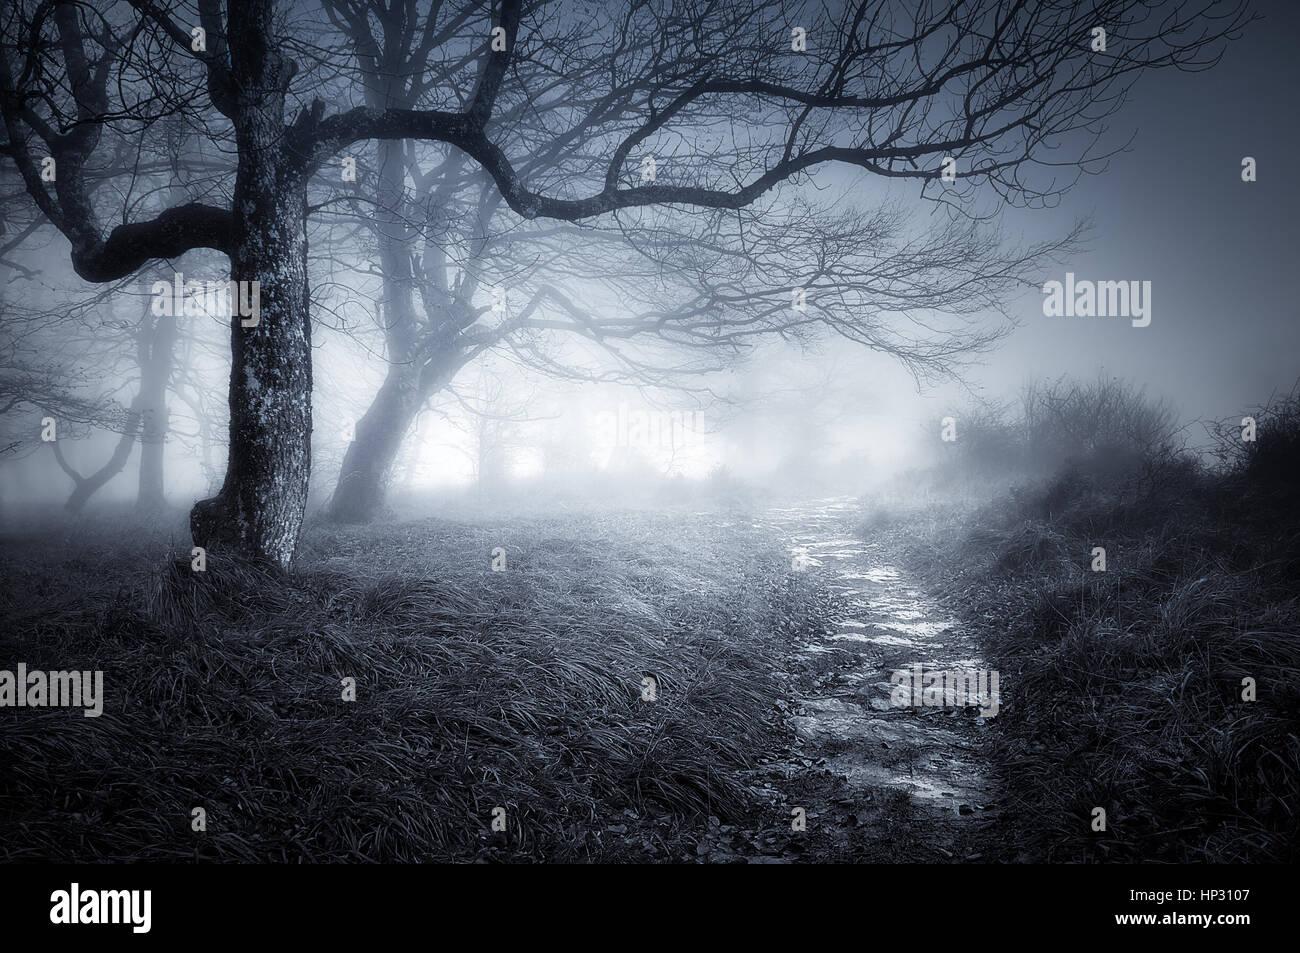 Chemin dans une forêt sombre et effrayant Photo Stock